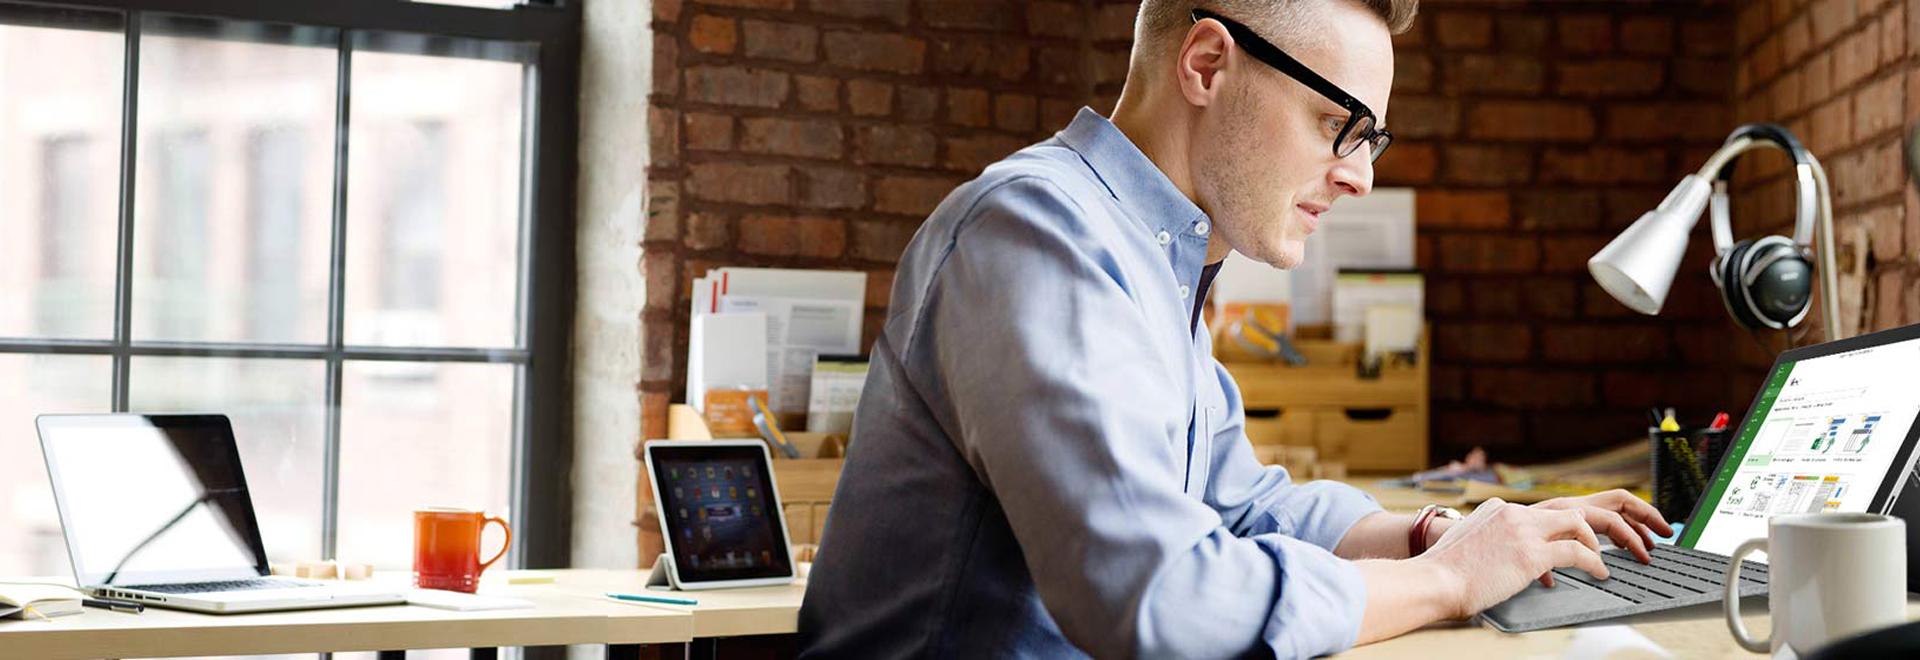 ผู้ใช้หนึ่งคนนั่งอยู่ที่โต๊ะ และทำงานในแท็บเล็ต Surface โดยใช้ Microsoft Project